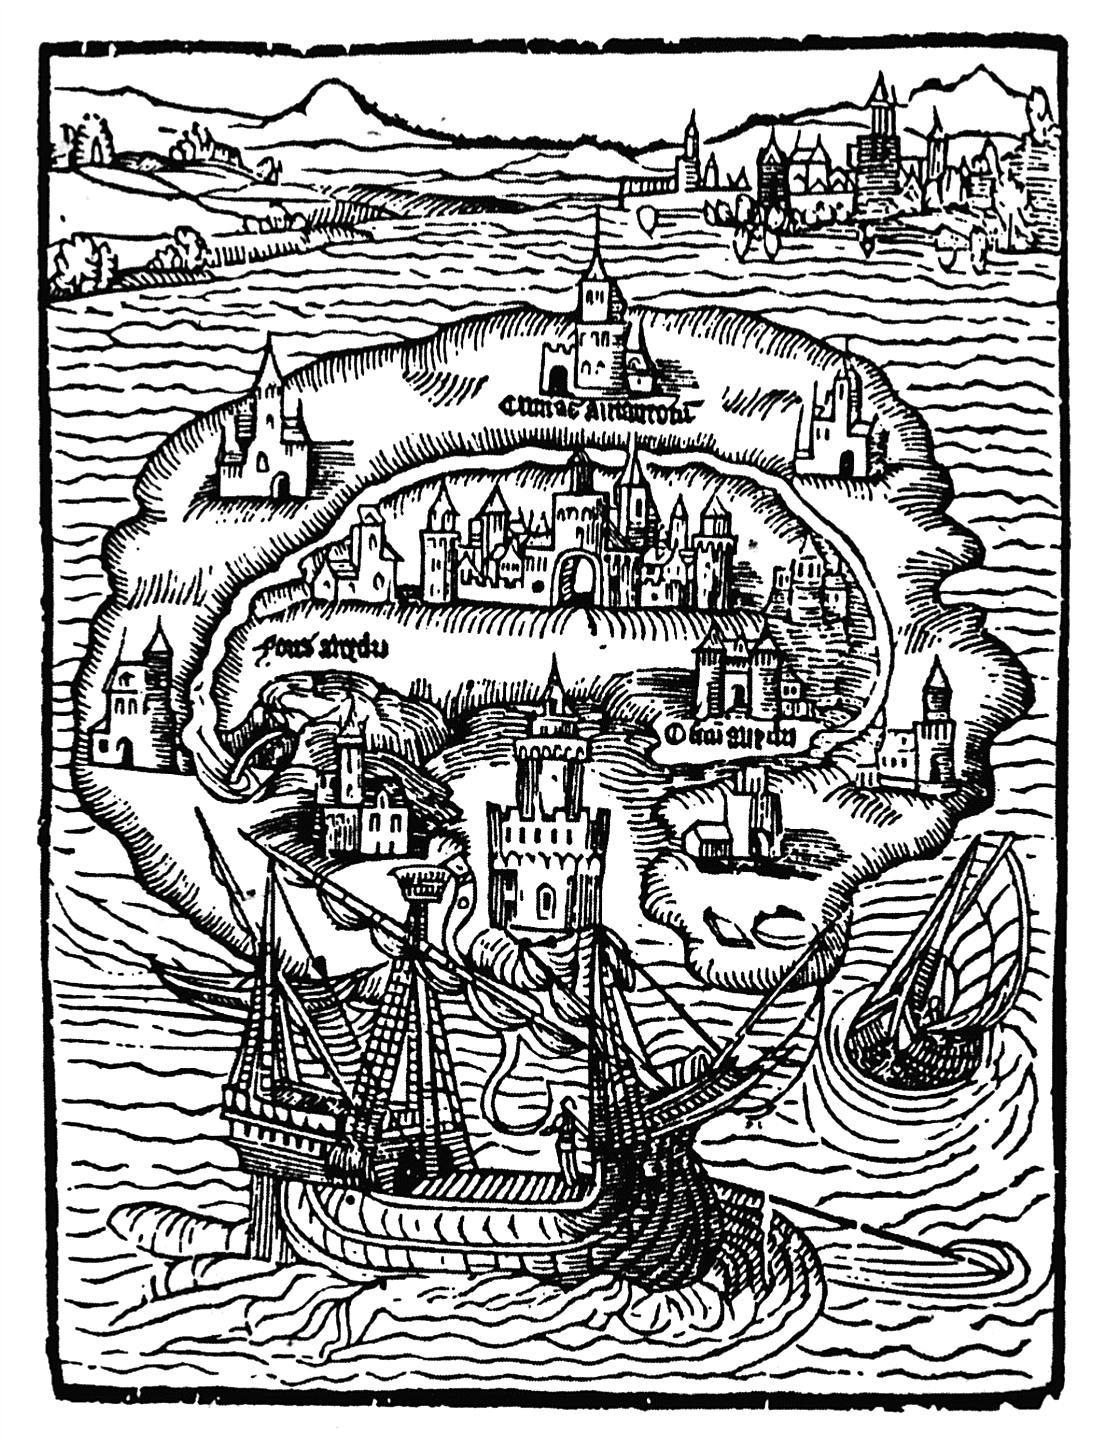 Ilustración de la isla Utopía, de Tomás Moro.